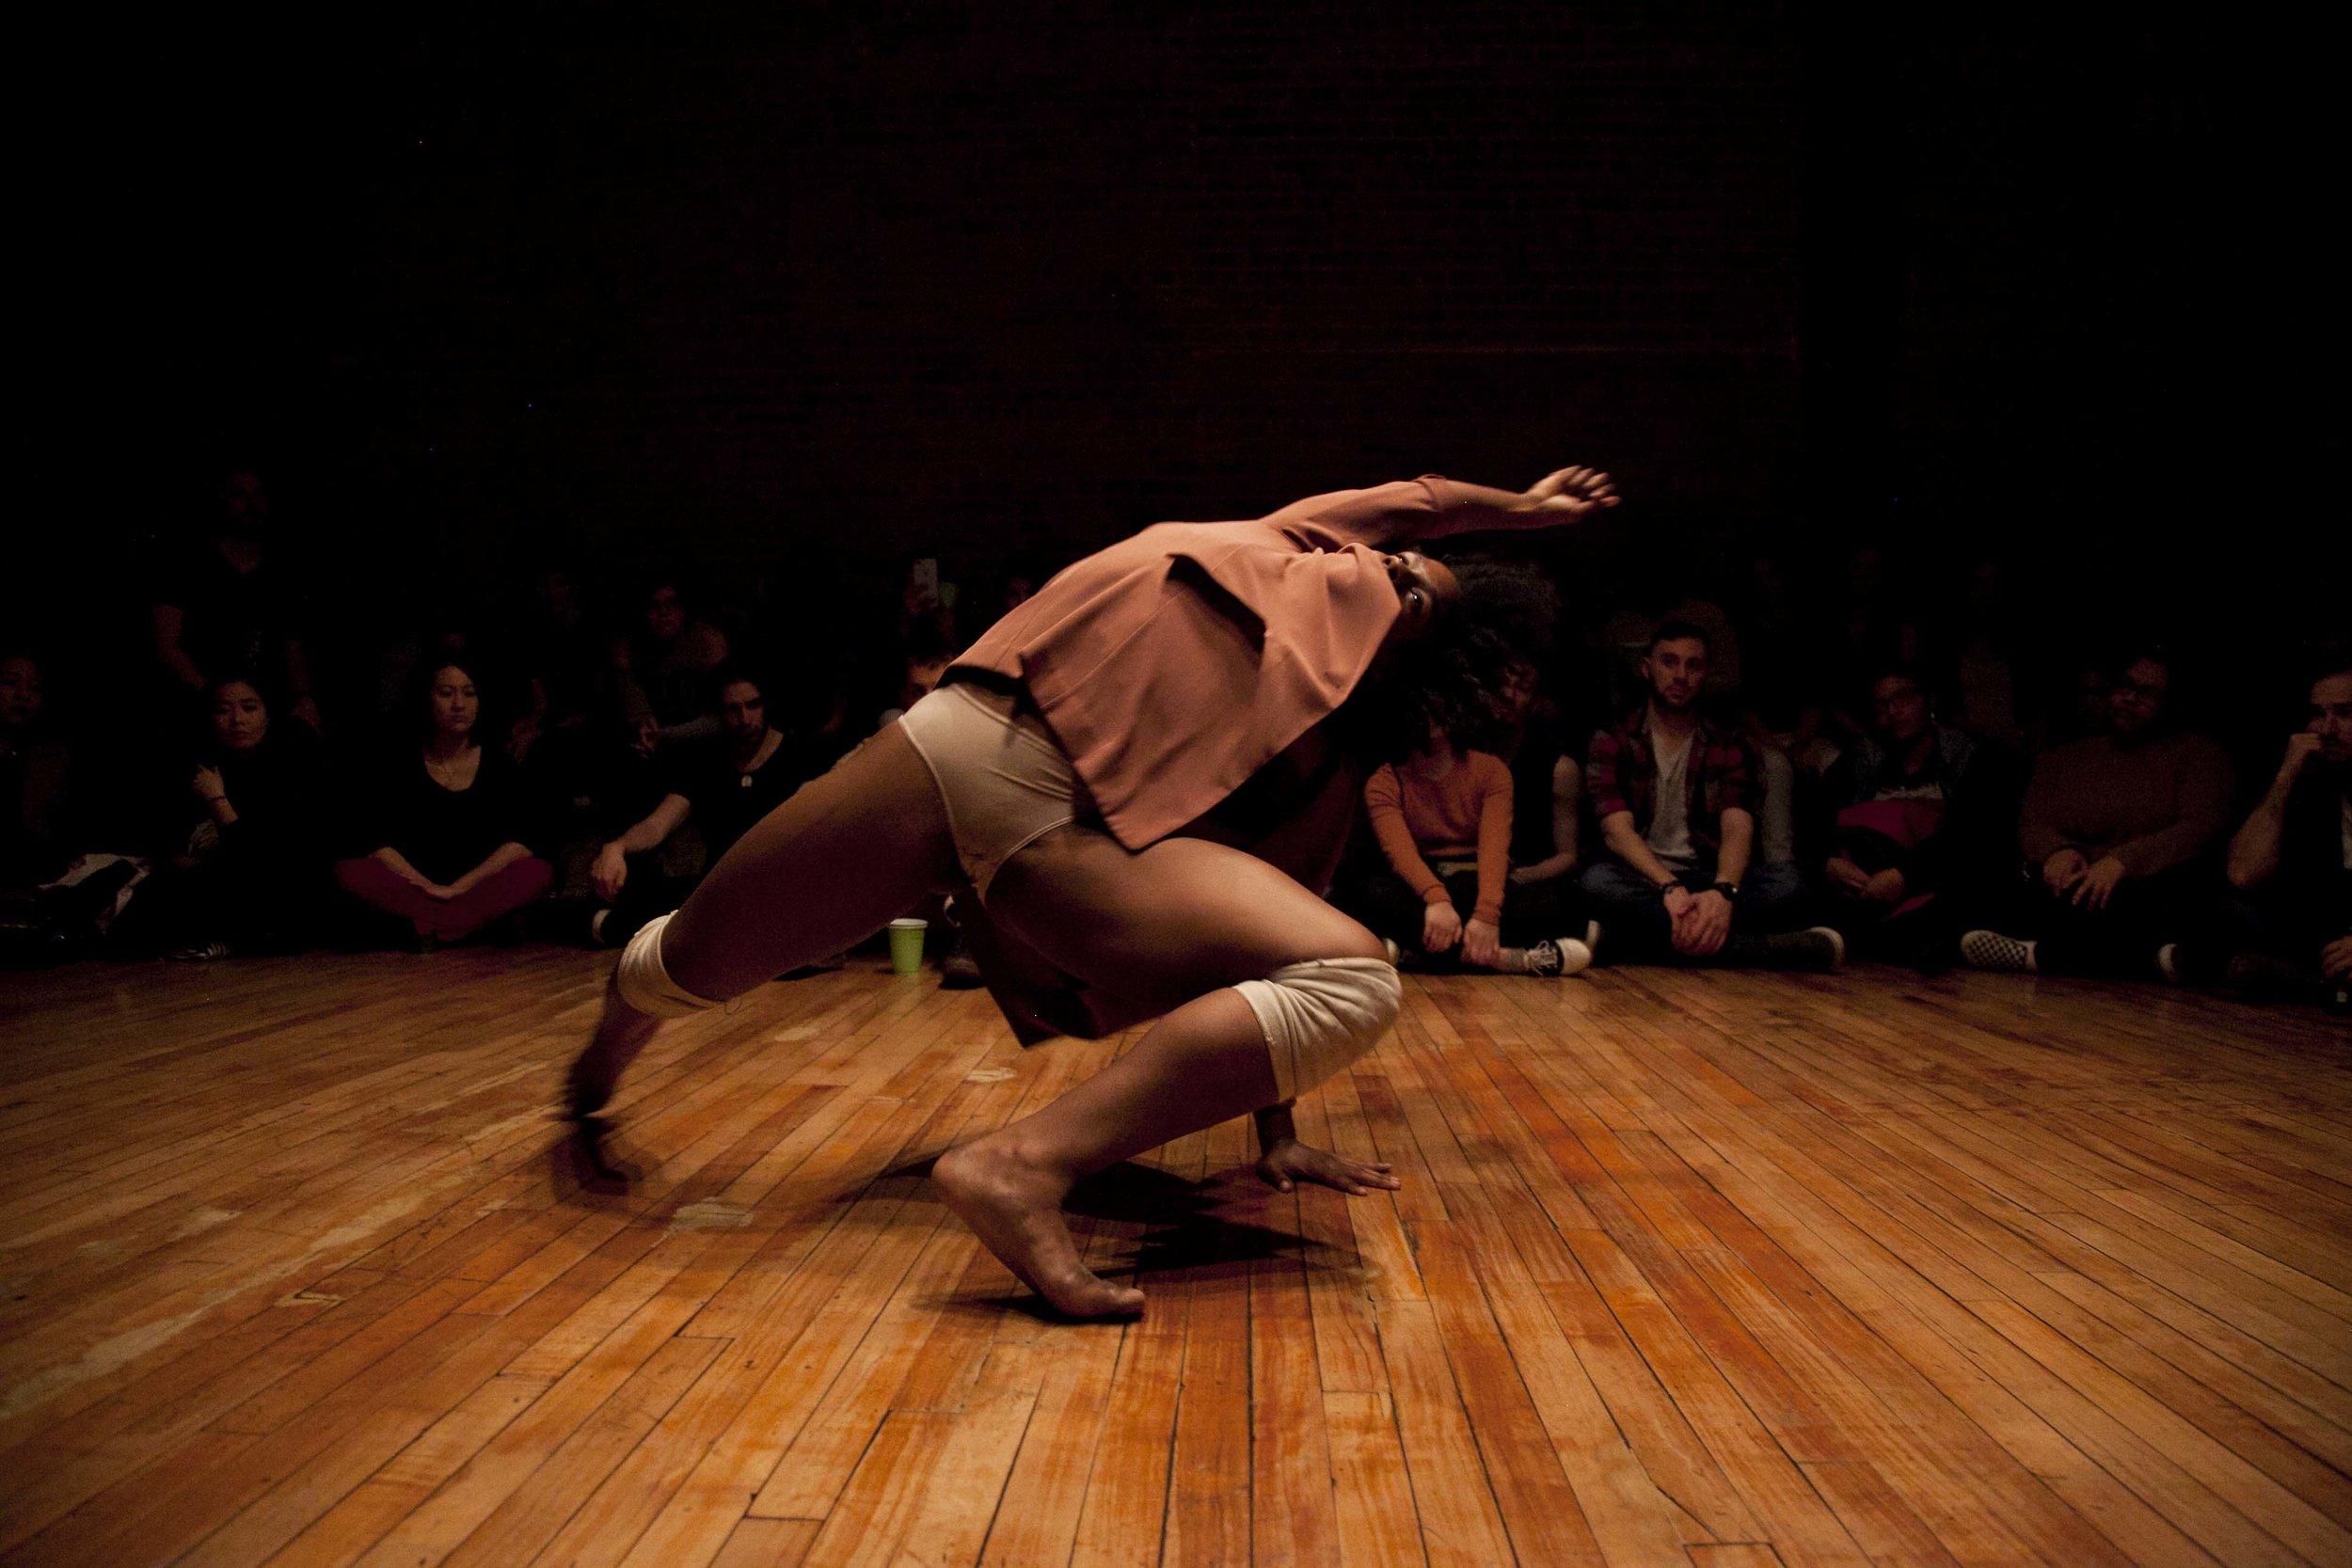 Photography by Kyle Netzeband